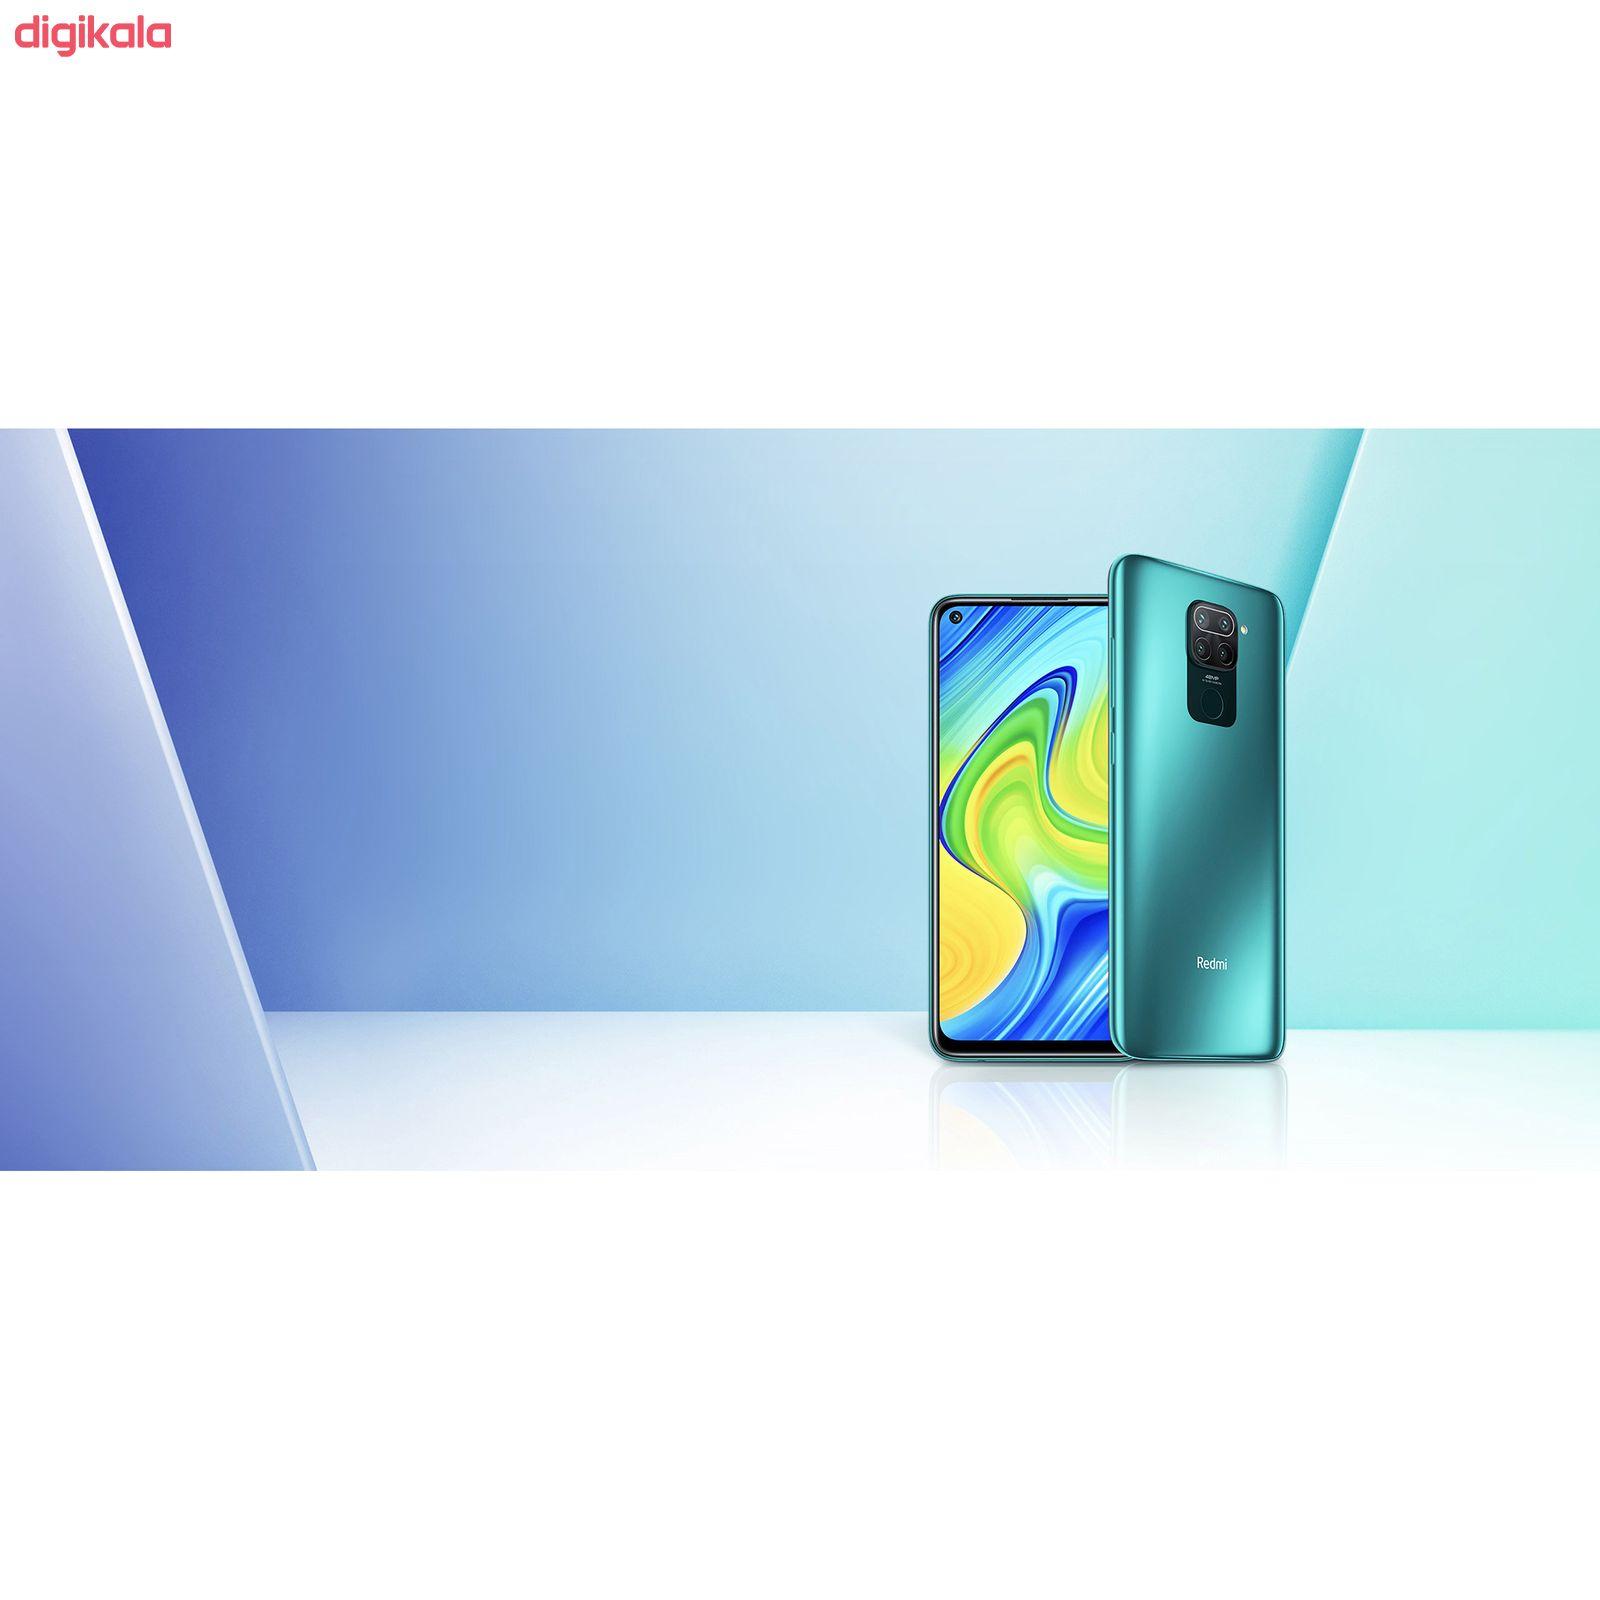 گوشی موبایل شیائومی مدل Redmi Note 9 M2003J15SS دو سیم کارت ظرفیت 64 گیگابایت main 1 10